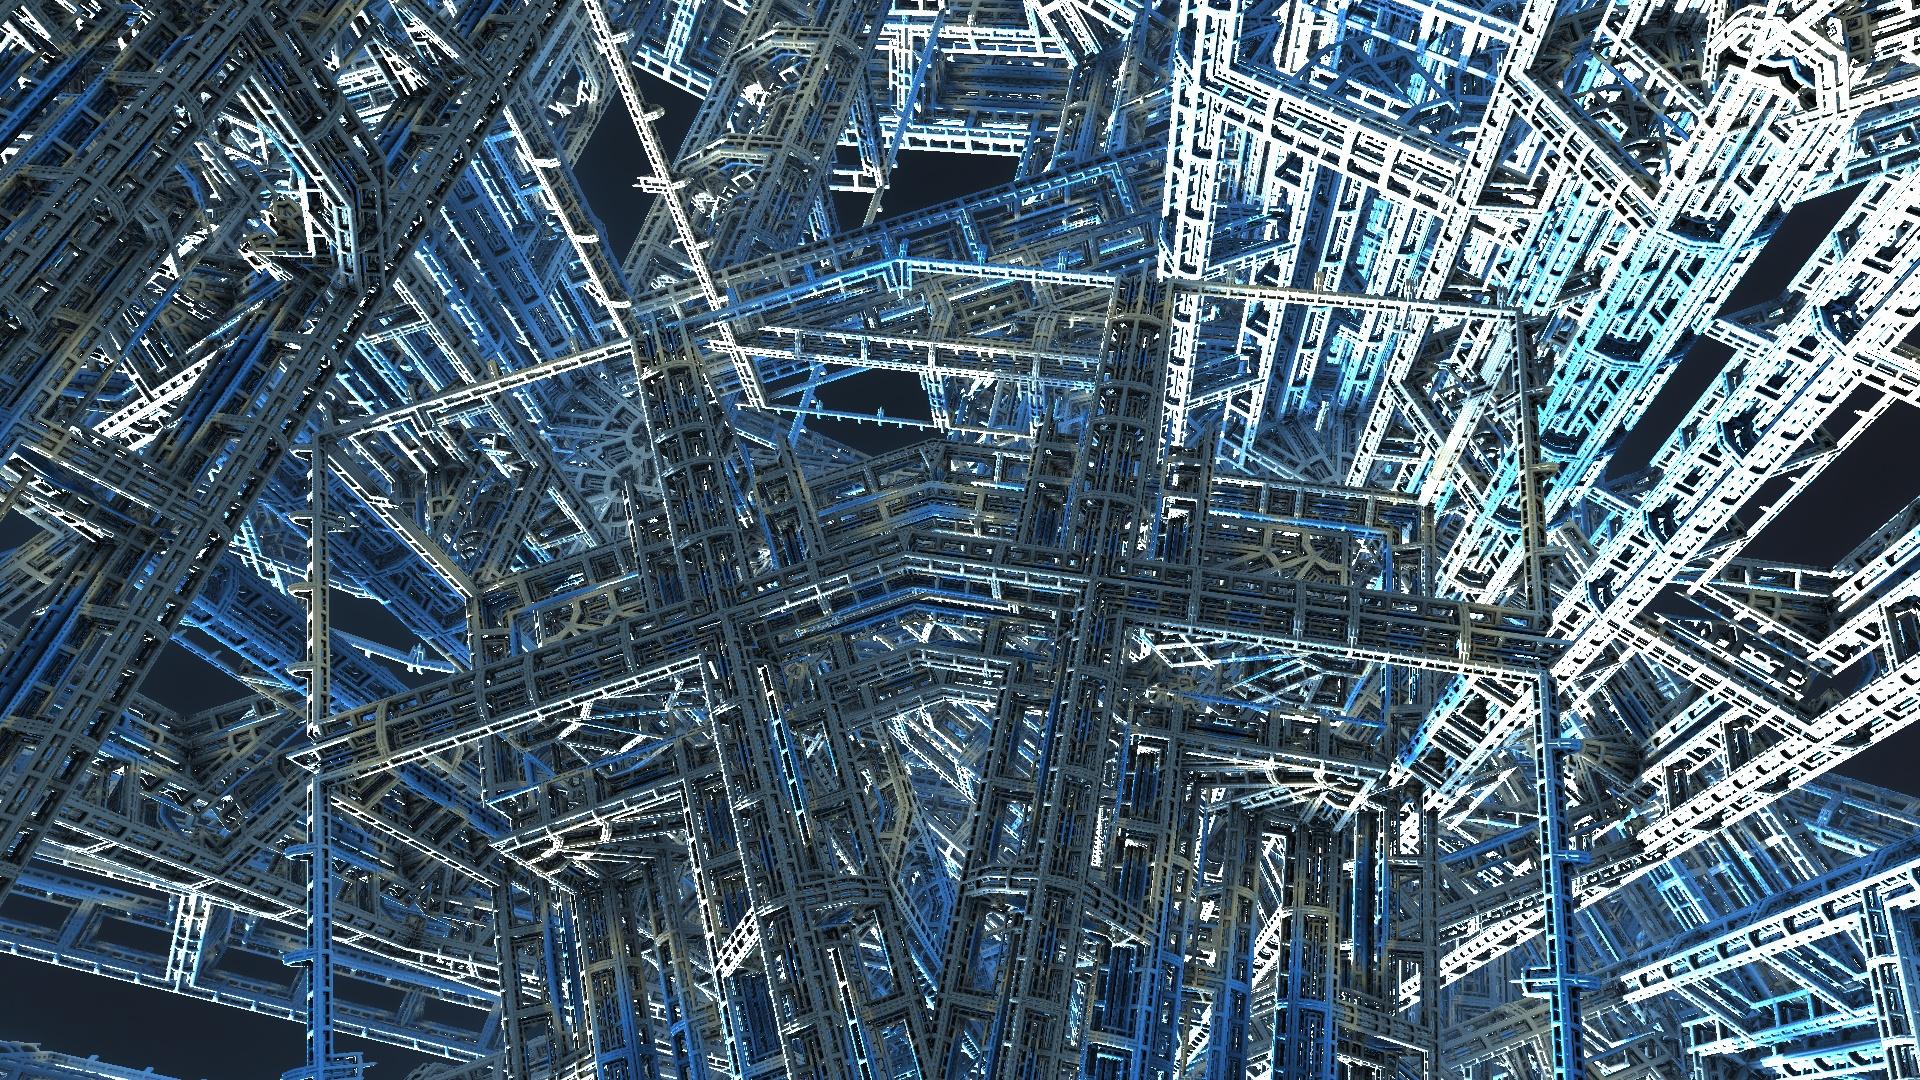 Fractal rendering of blue girders